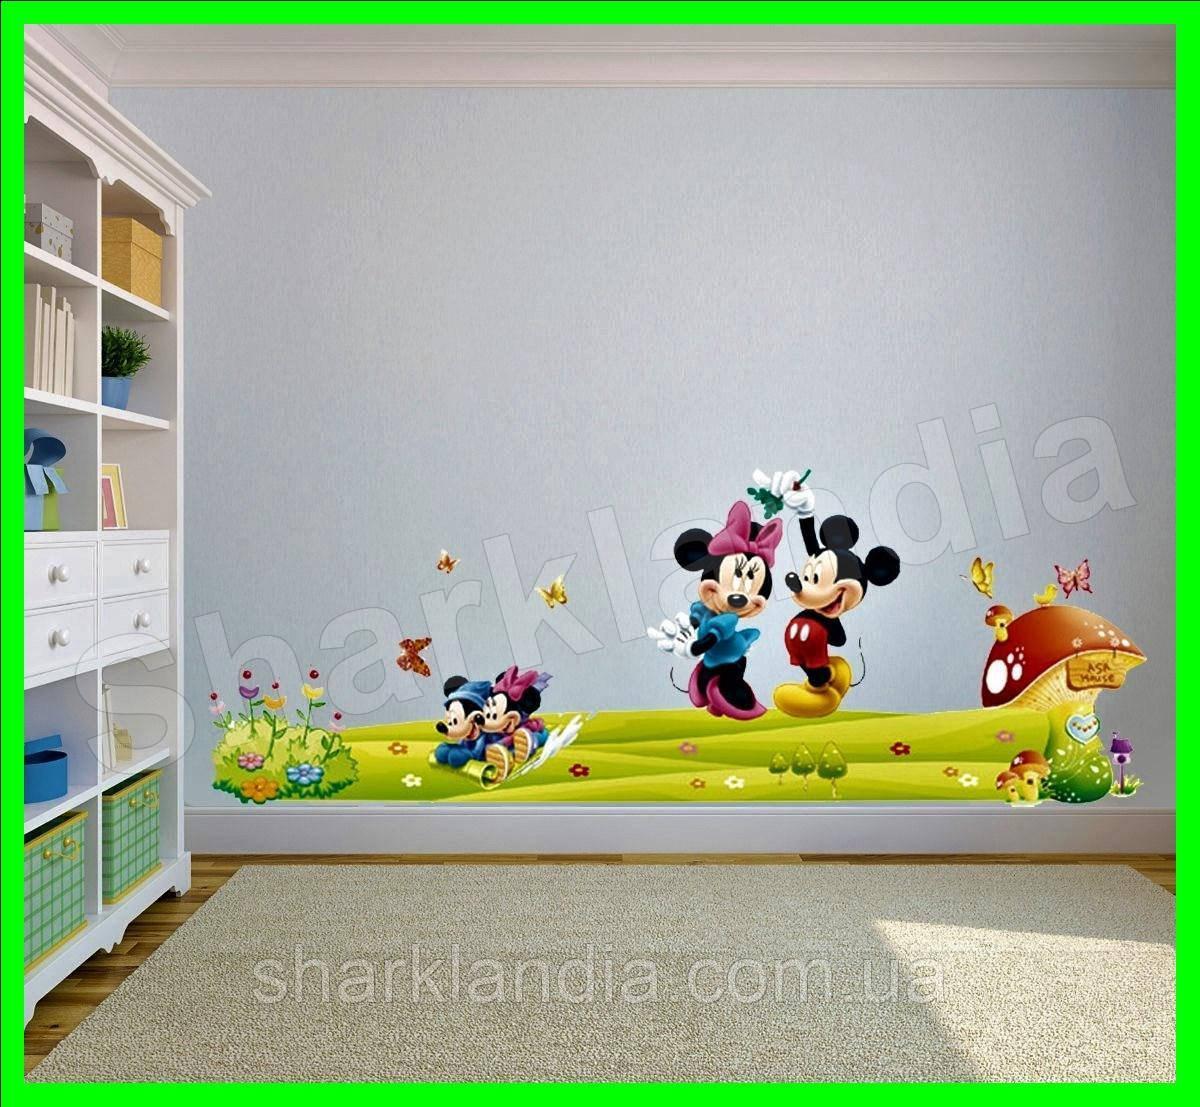 Интерьерная виниловая наклейка в детскую комнату на стену Микки Маус на мостике Минни Маус